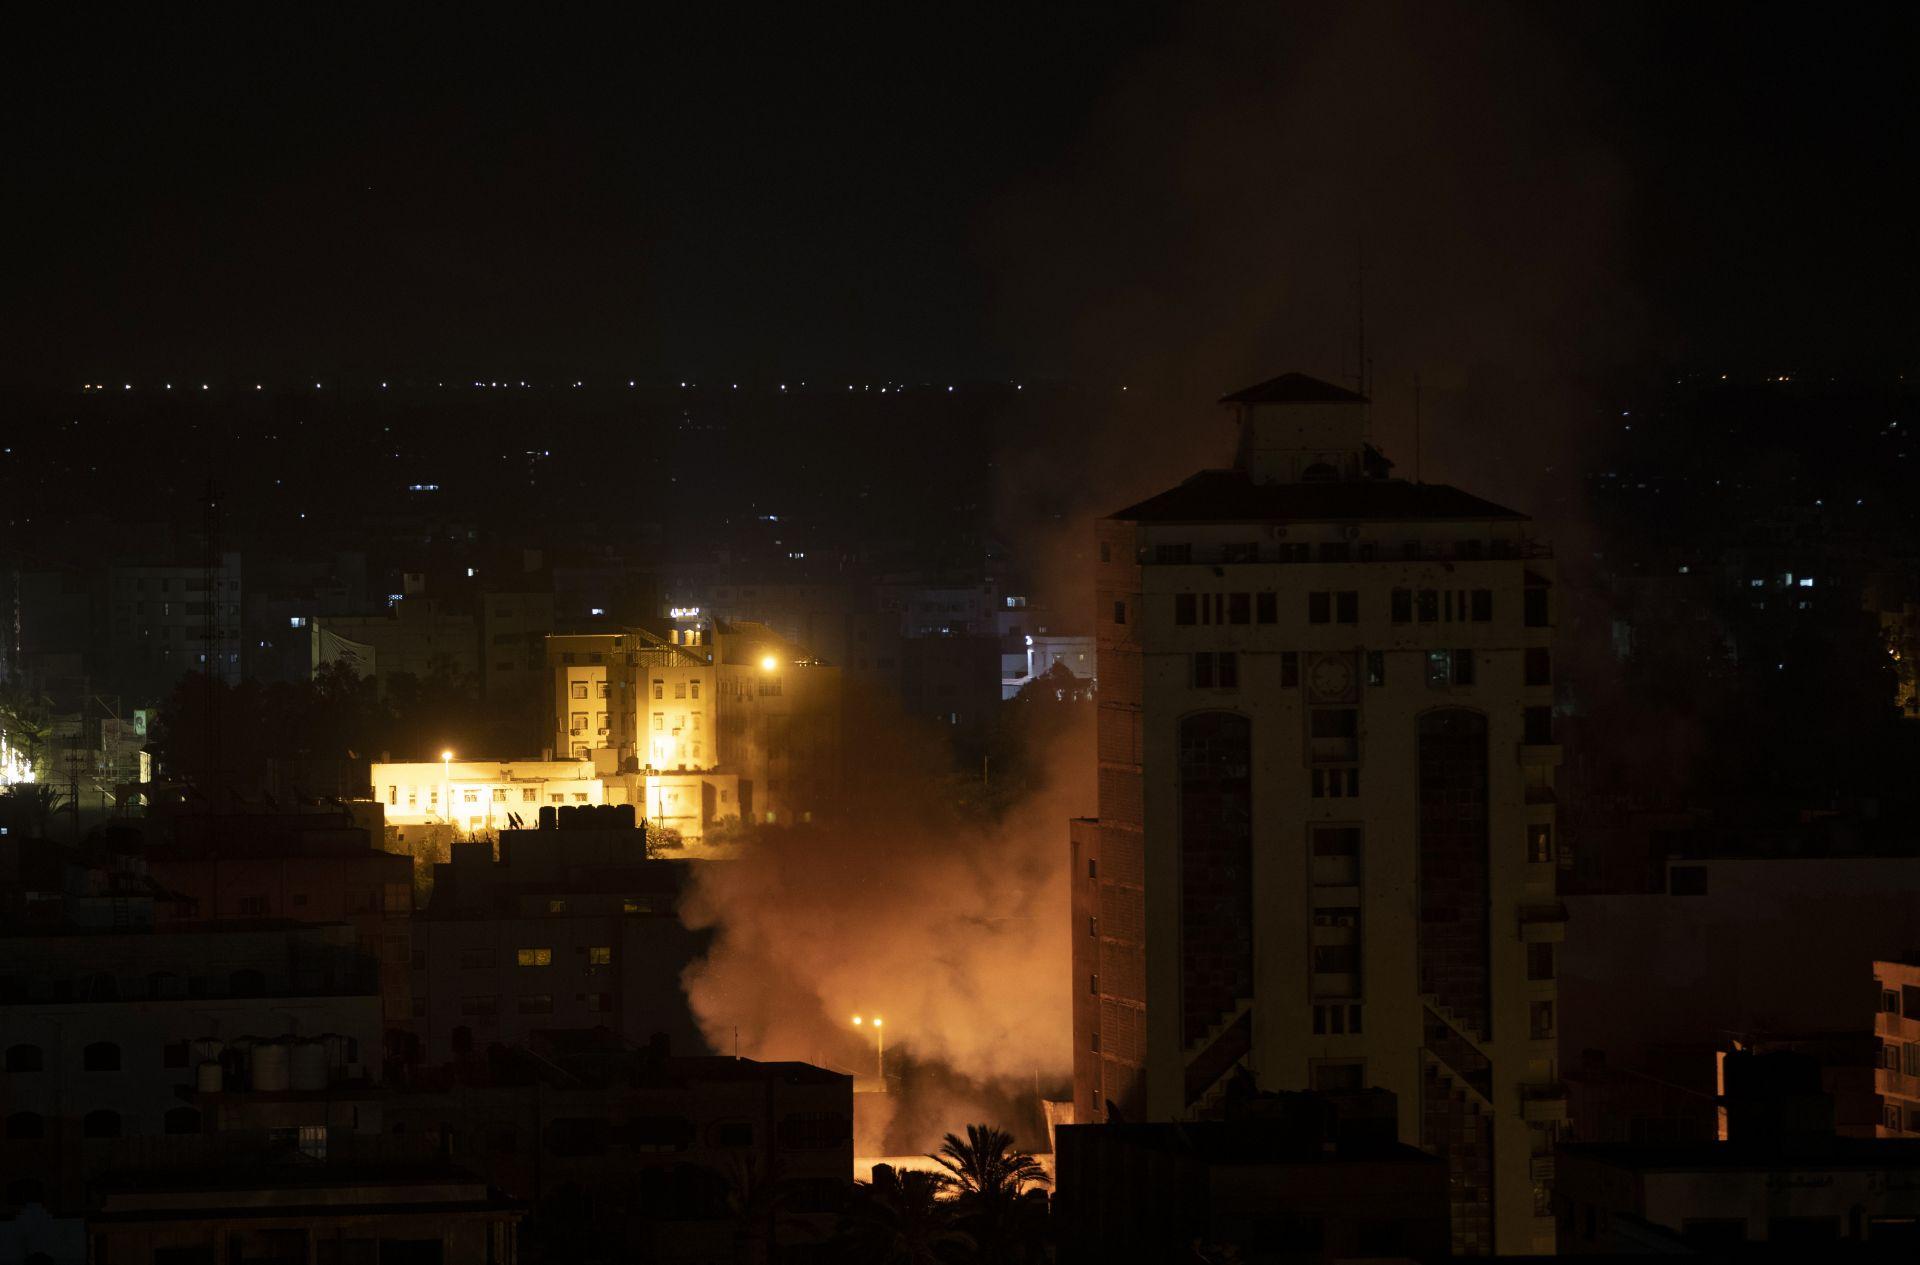 Димът се издига след израелски ракетни удари по град Газа, петък, 14 май